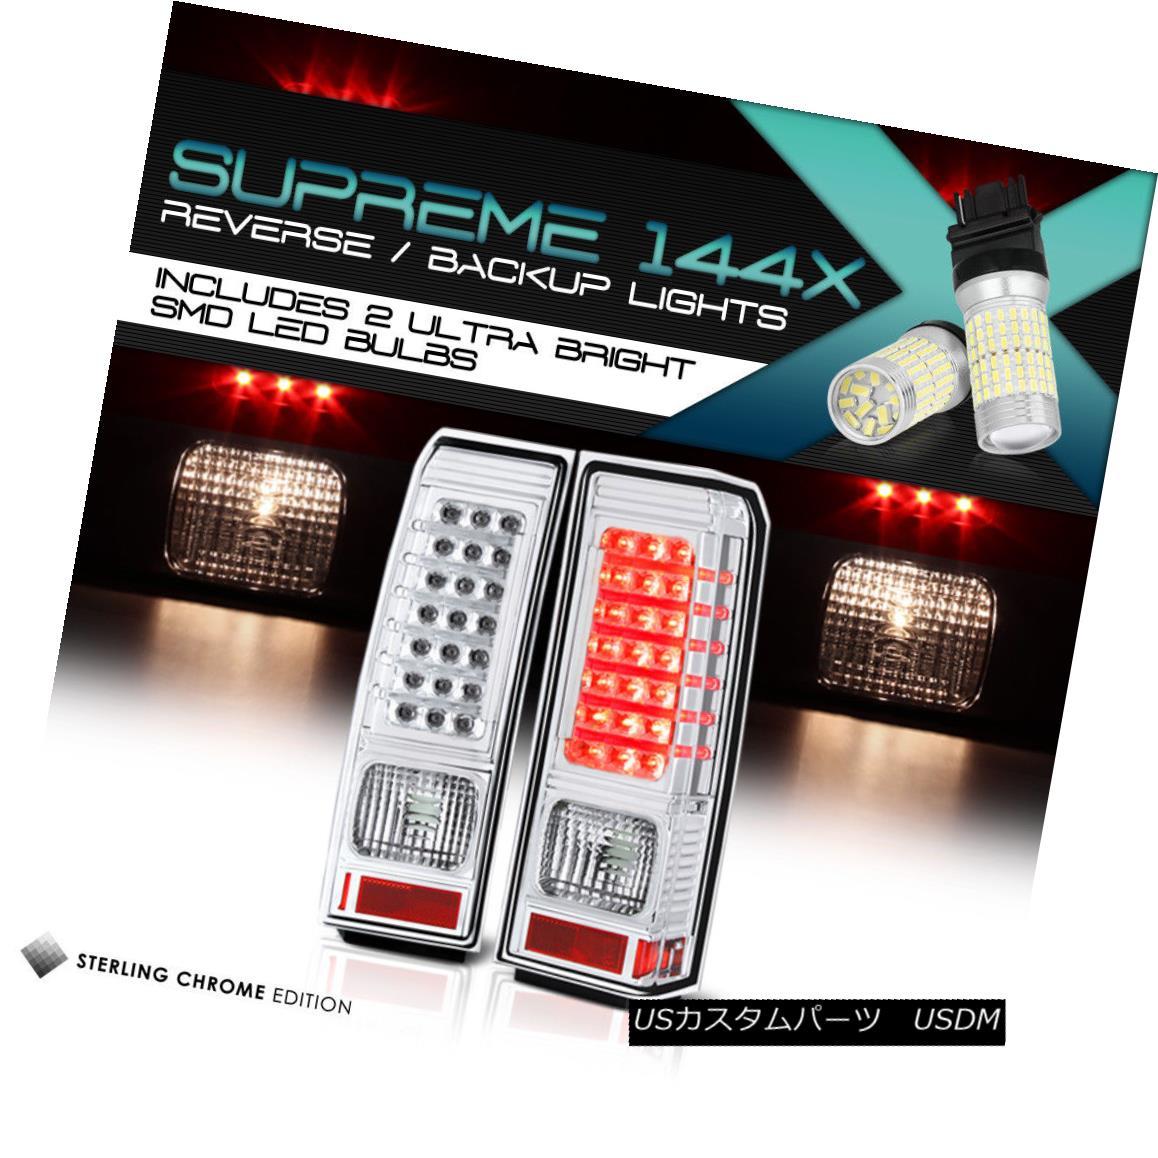 テールライト [360 Degree SMD Reverse] Hummer H3 06-10 New Chrome LED Tail Light Brake Signal [360度SMDリバース] Hummer H3 06-10新しいクロームLEDテールライトブレーキ信号